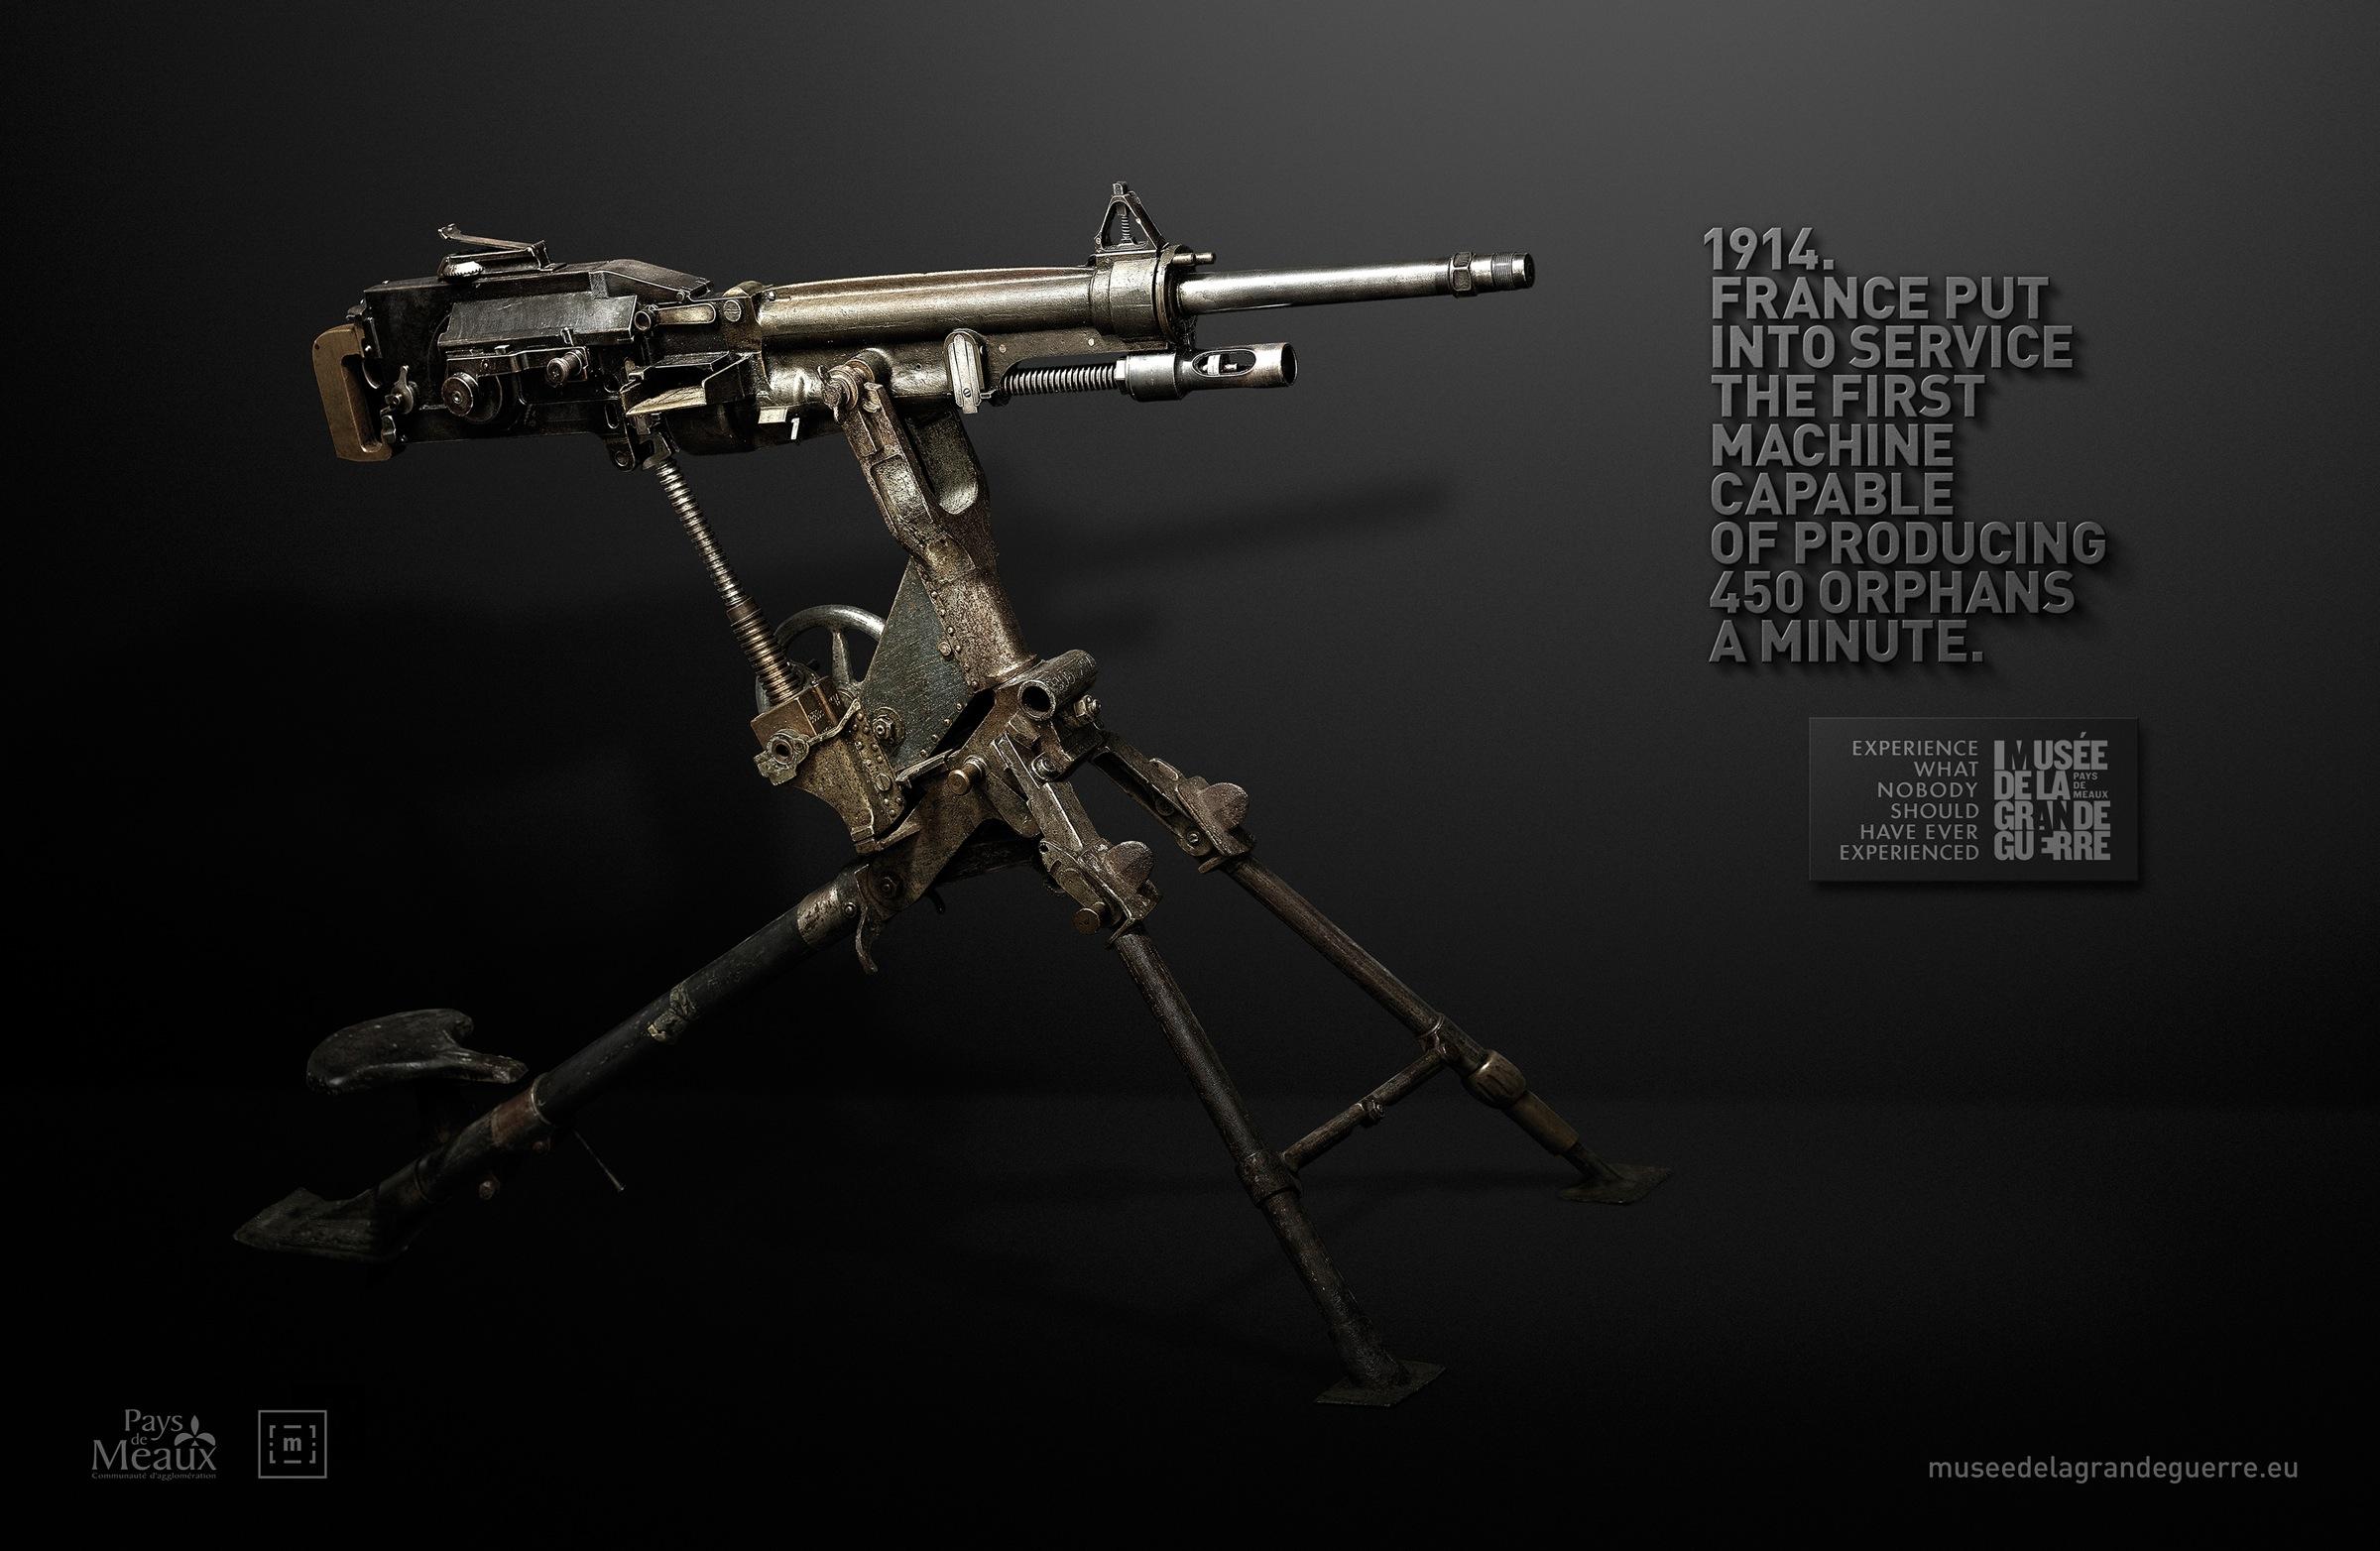 Mus e de la grande guerre du pays de meaux print advert by for Garage ad meaux